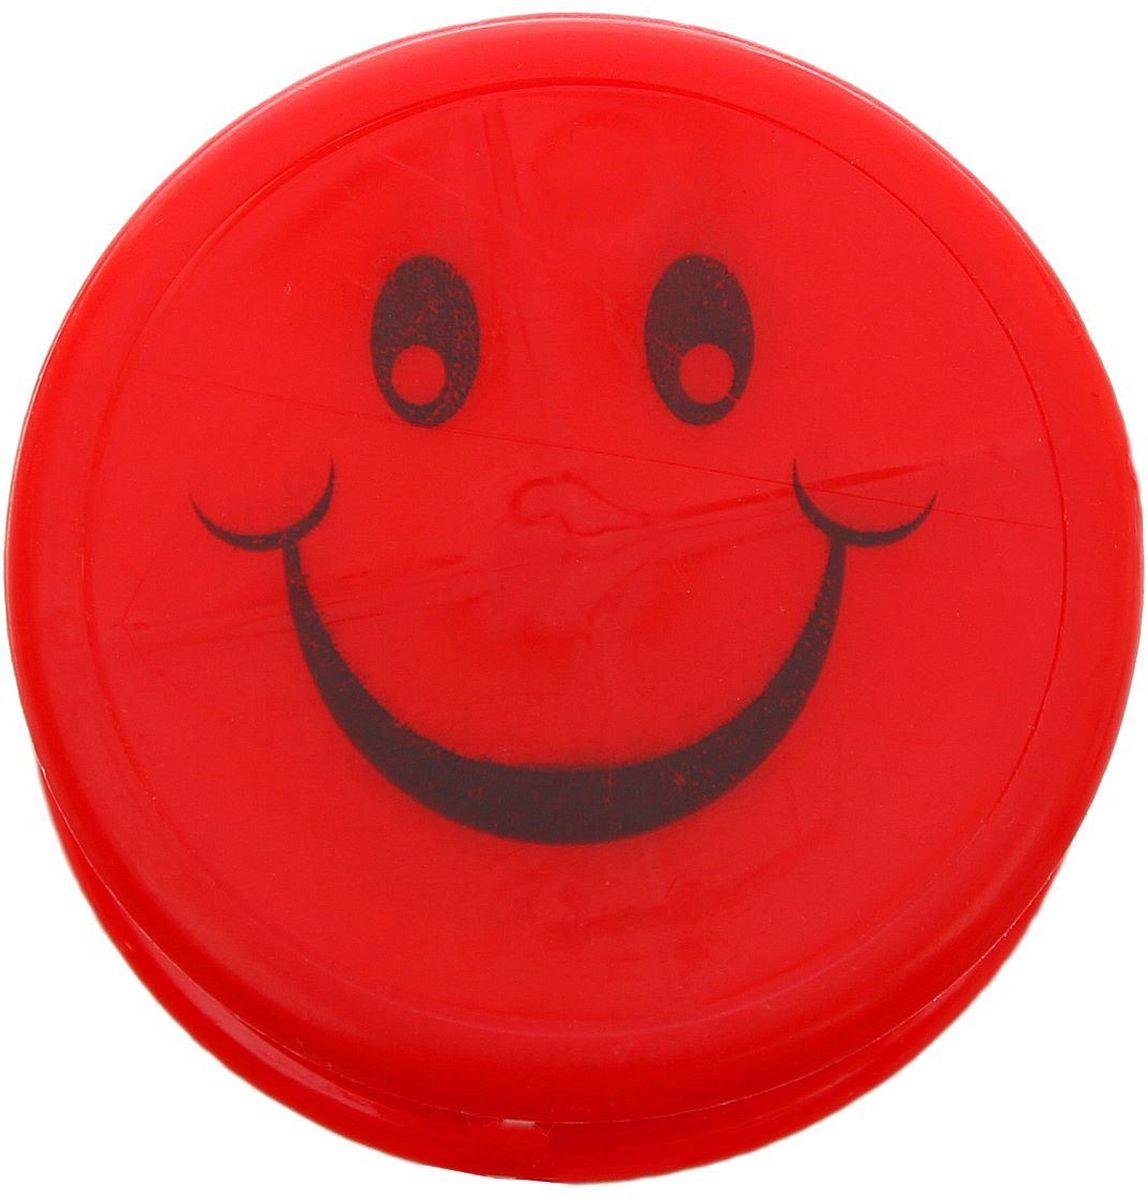 Sima-land Йо-йо Мордашка 1638713 игрушка йо йо 1 toy на палец